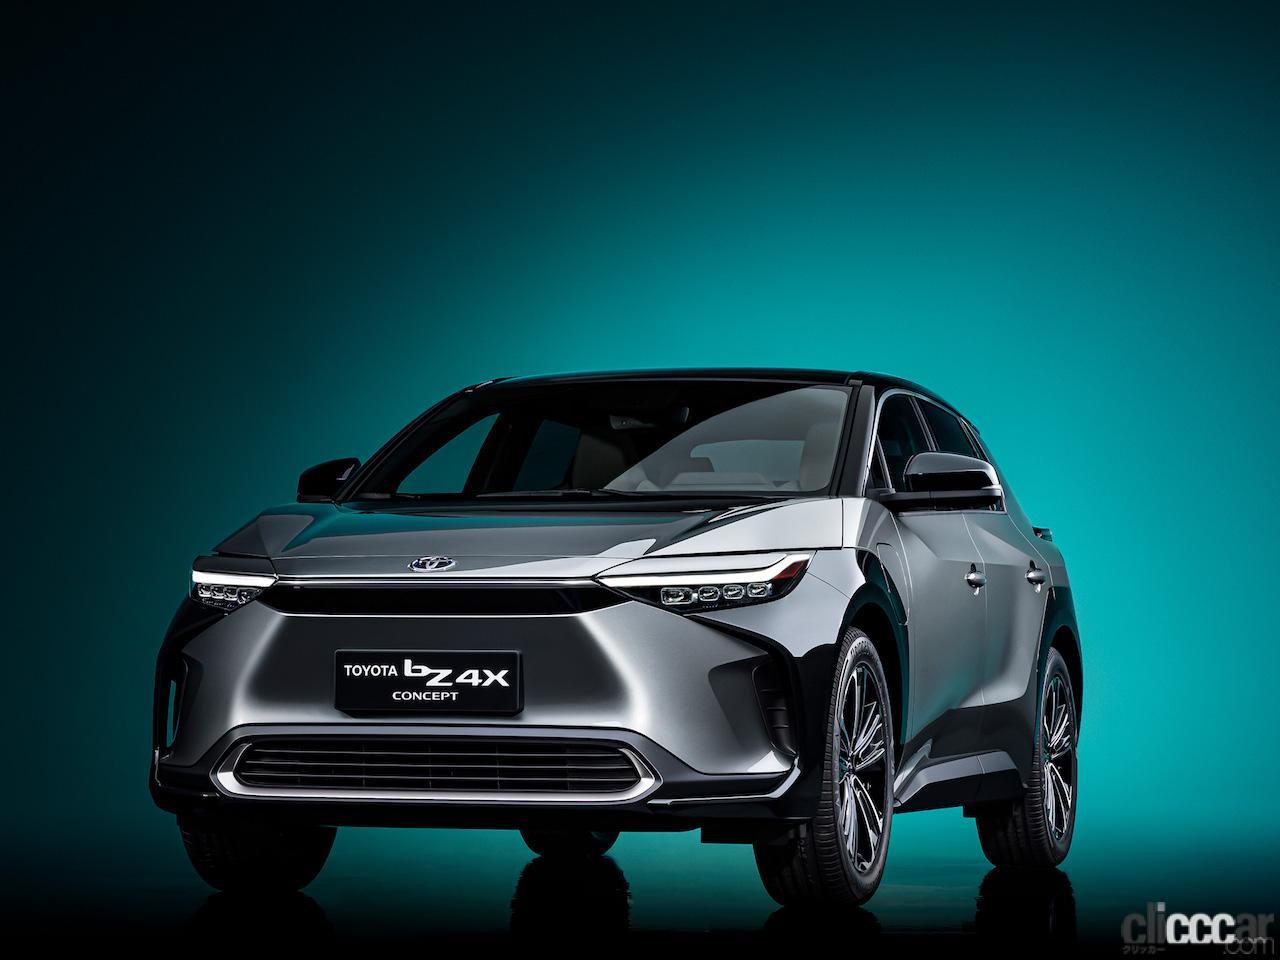 トヨタの新EVシリーズの第1弾「TOYOTA bZ4X」が初公開。SUBARUと共同開発された新AWDシステムを搭載